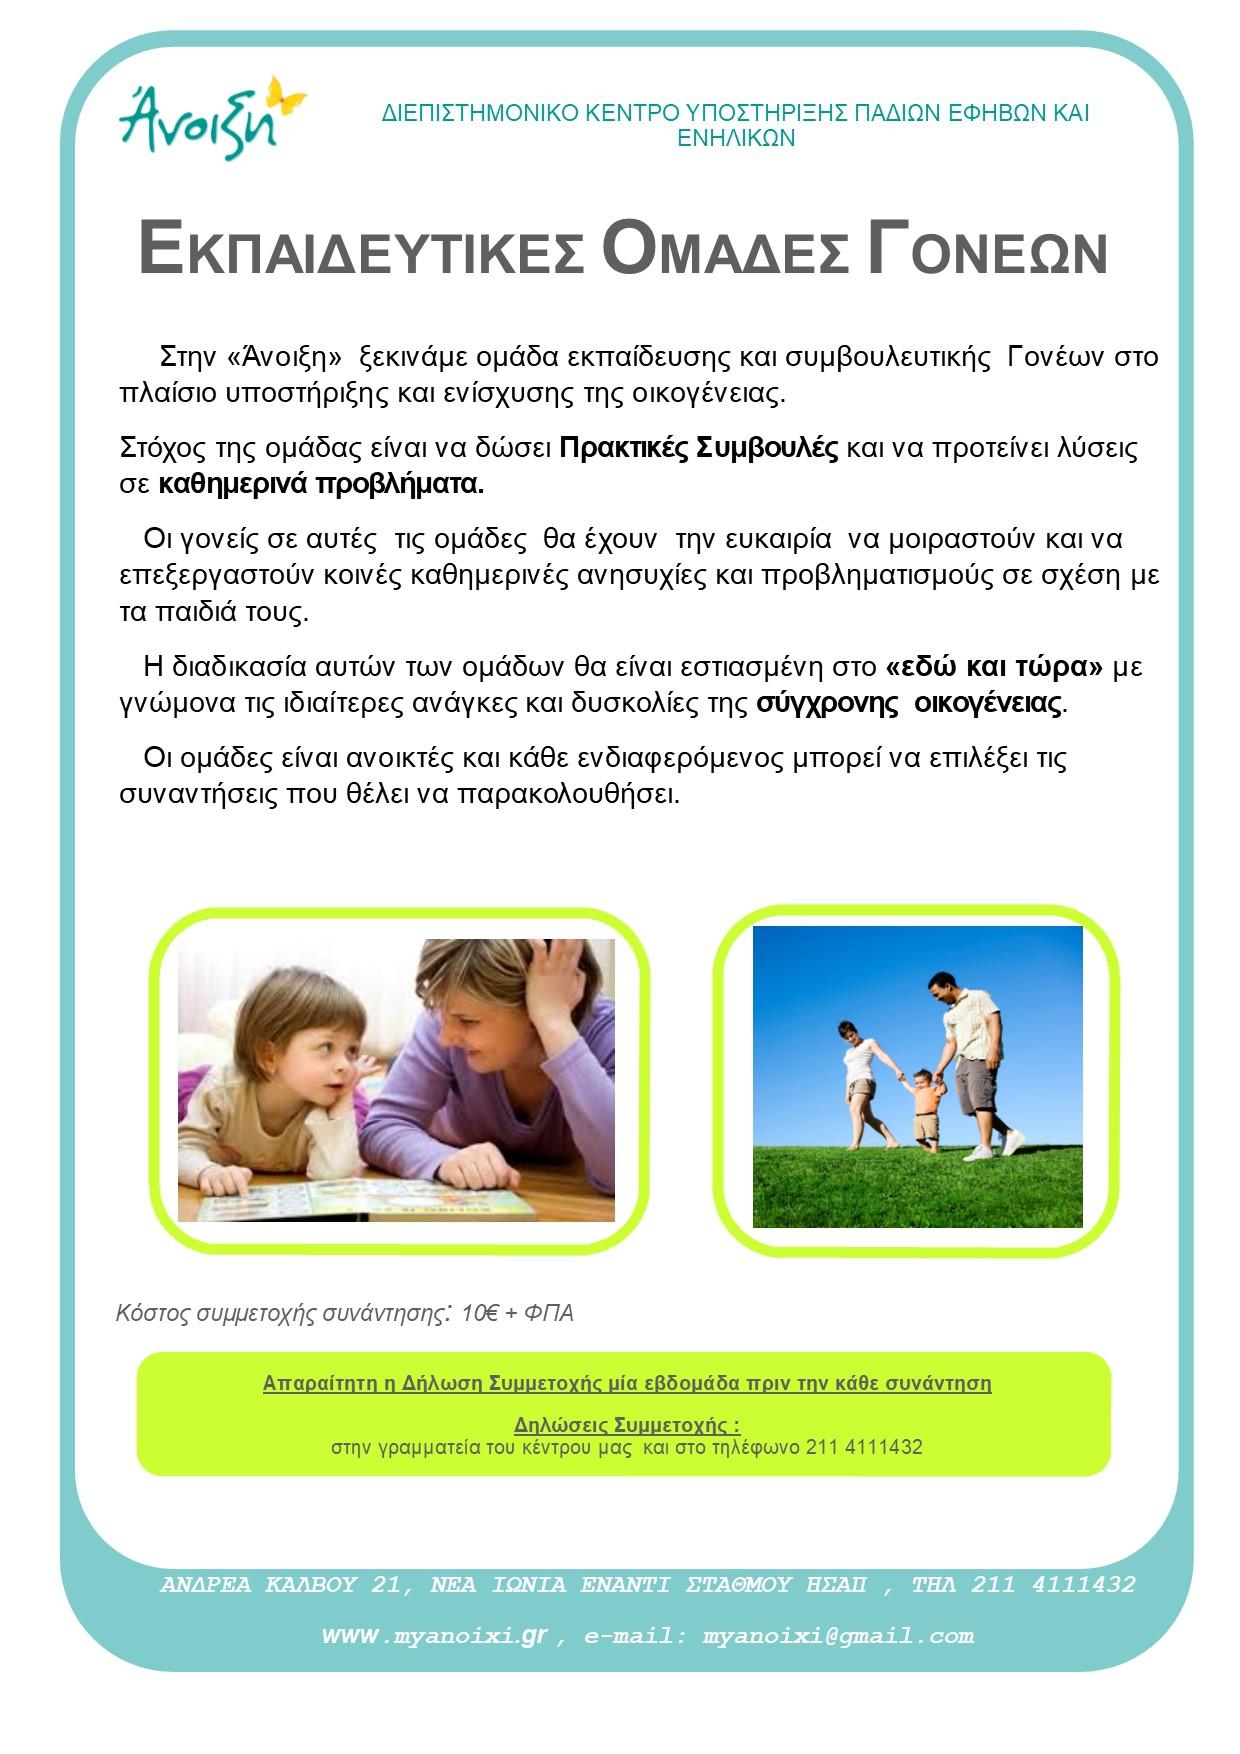 Εκπαιδευτικές Ομάδες Γονέων